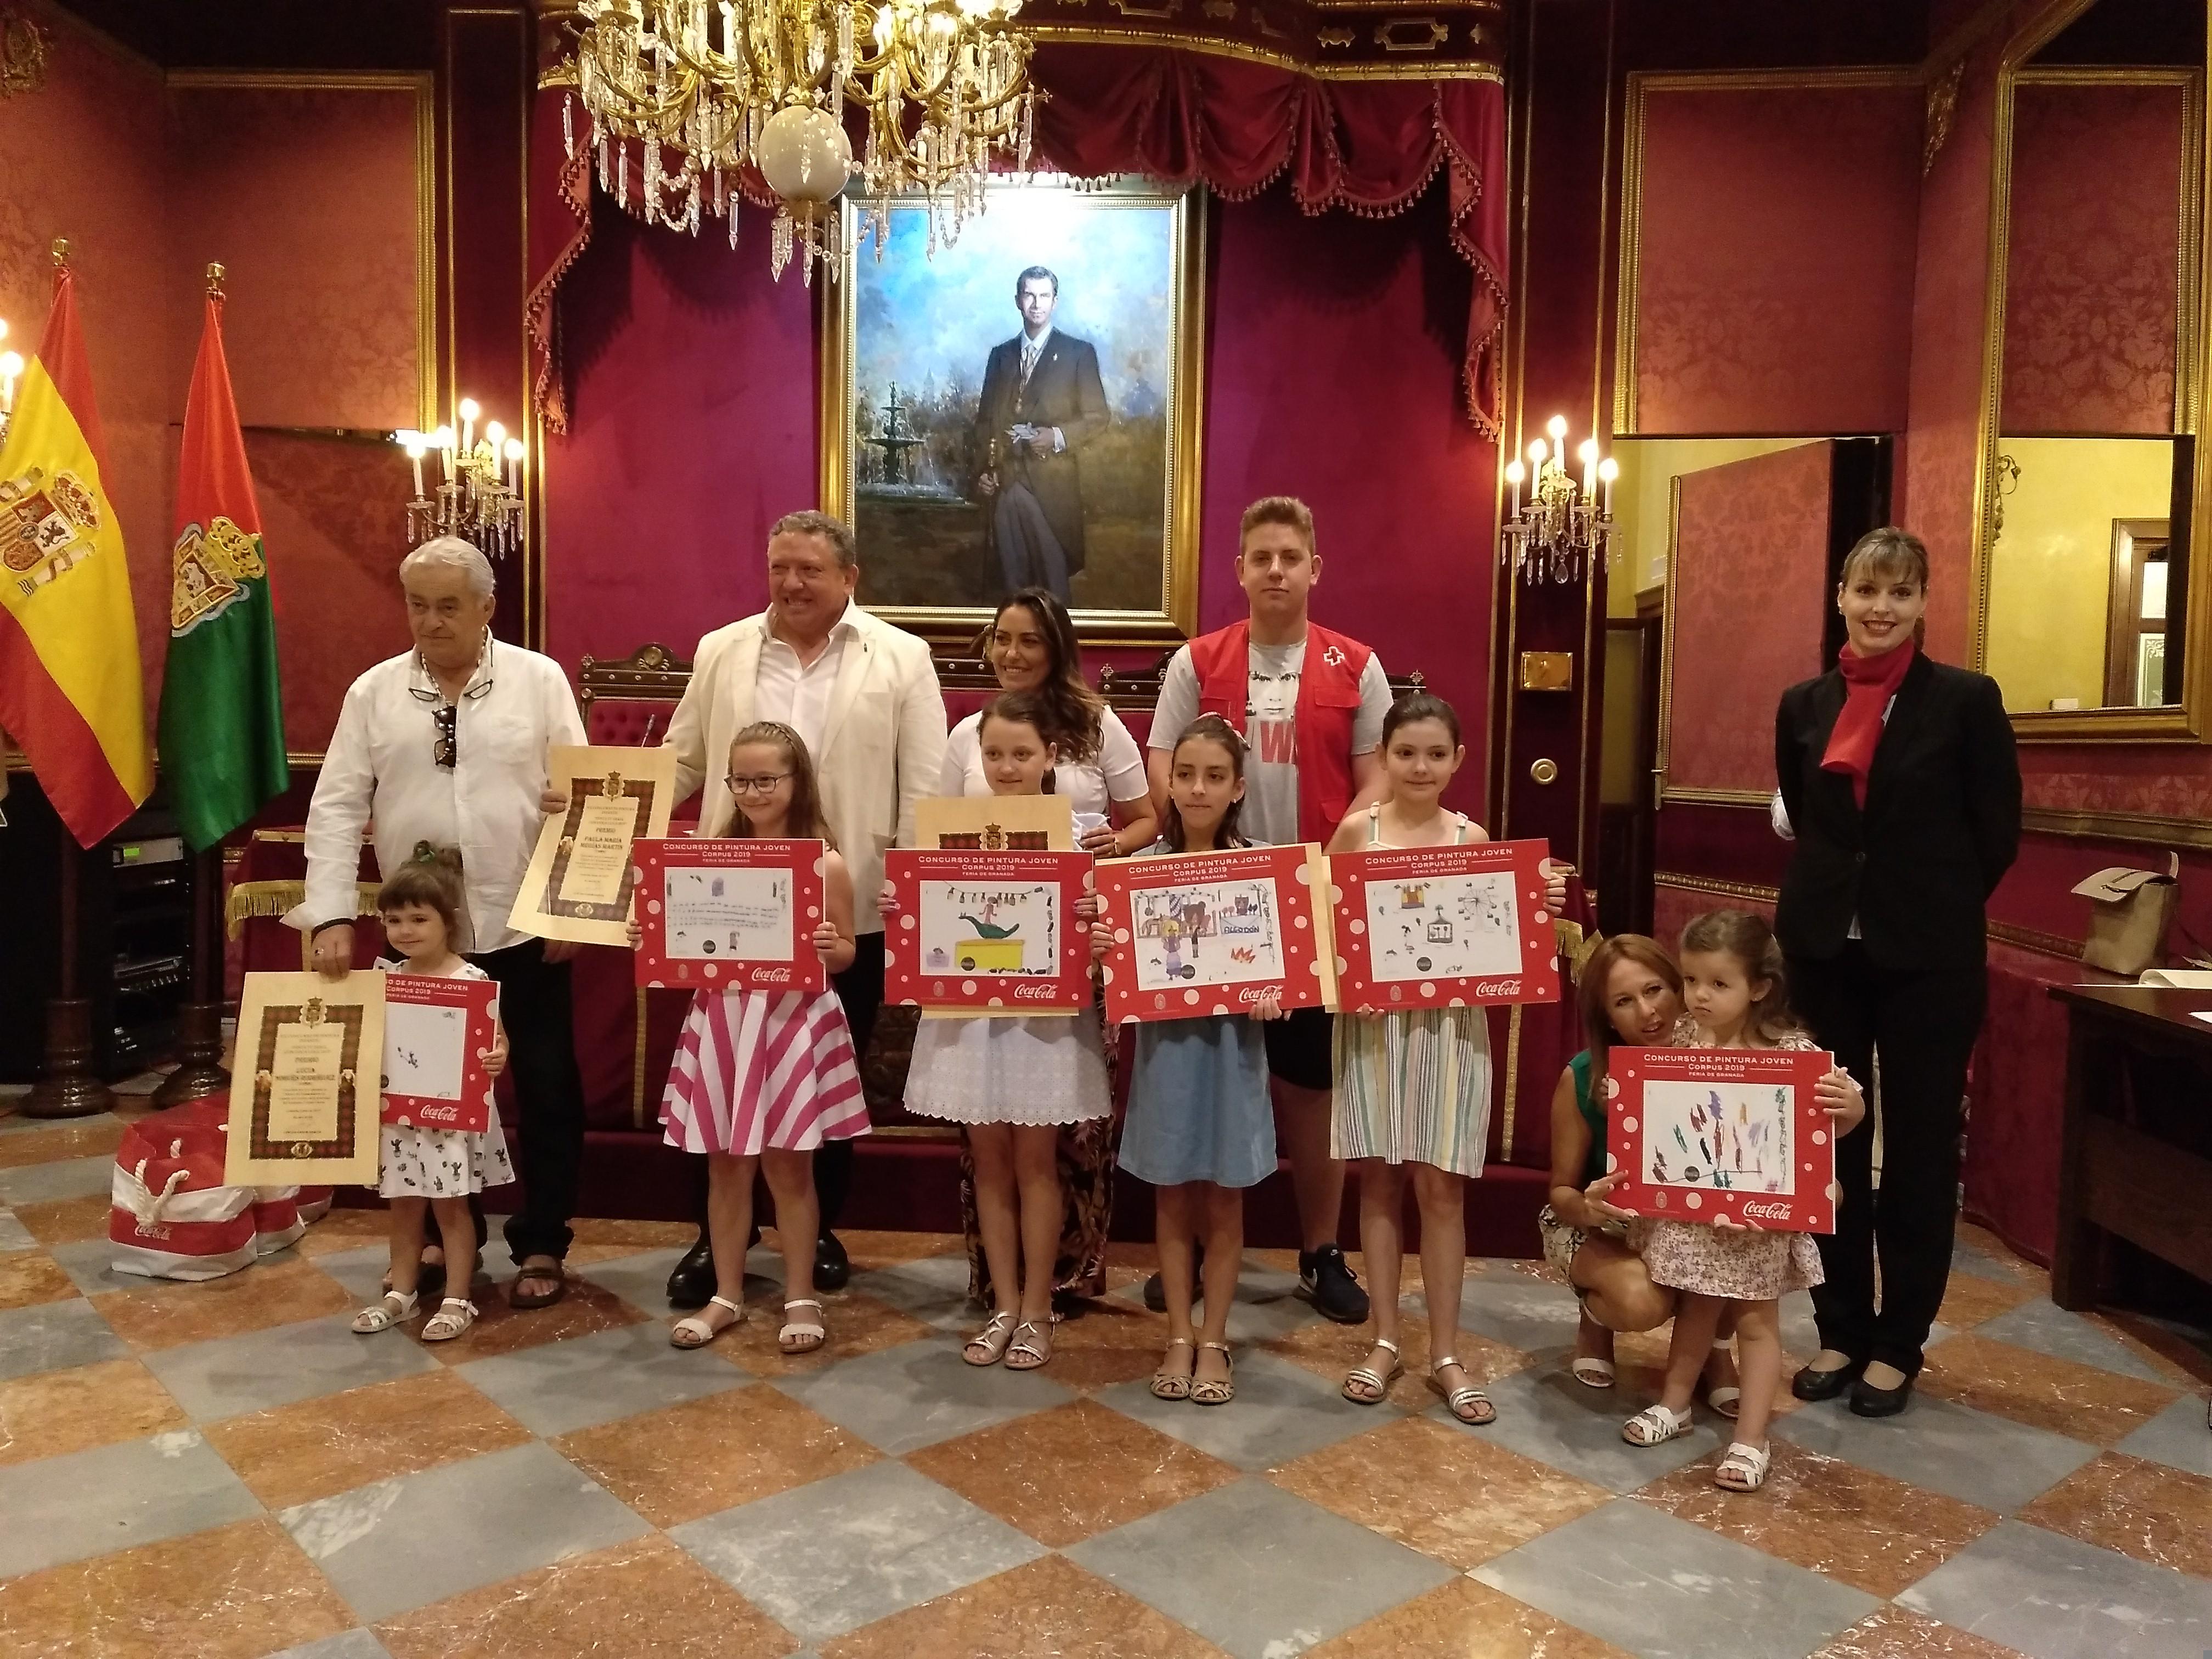 El Ayuntamiento entrega los premios del concurso de pintura joven, fotografía y selfies del Corpus